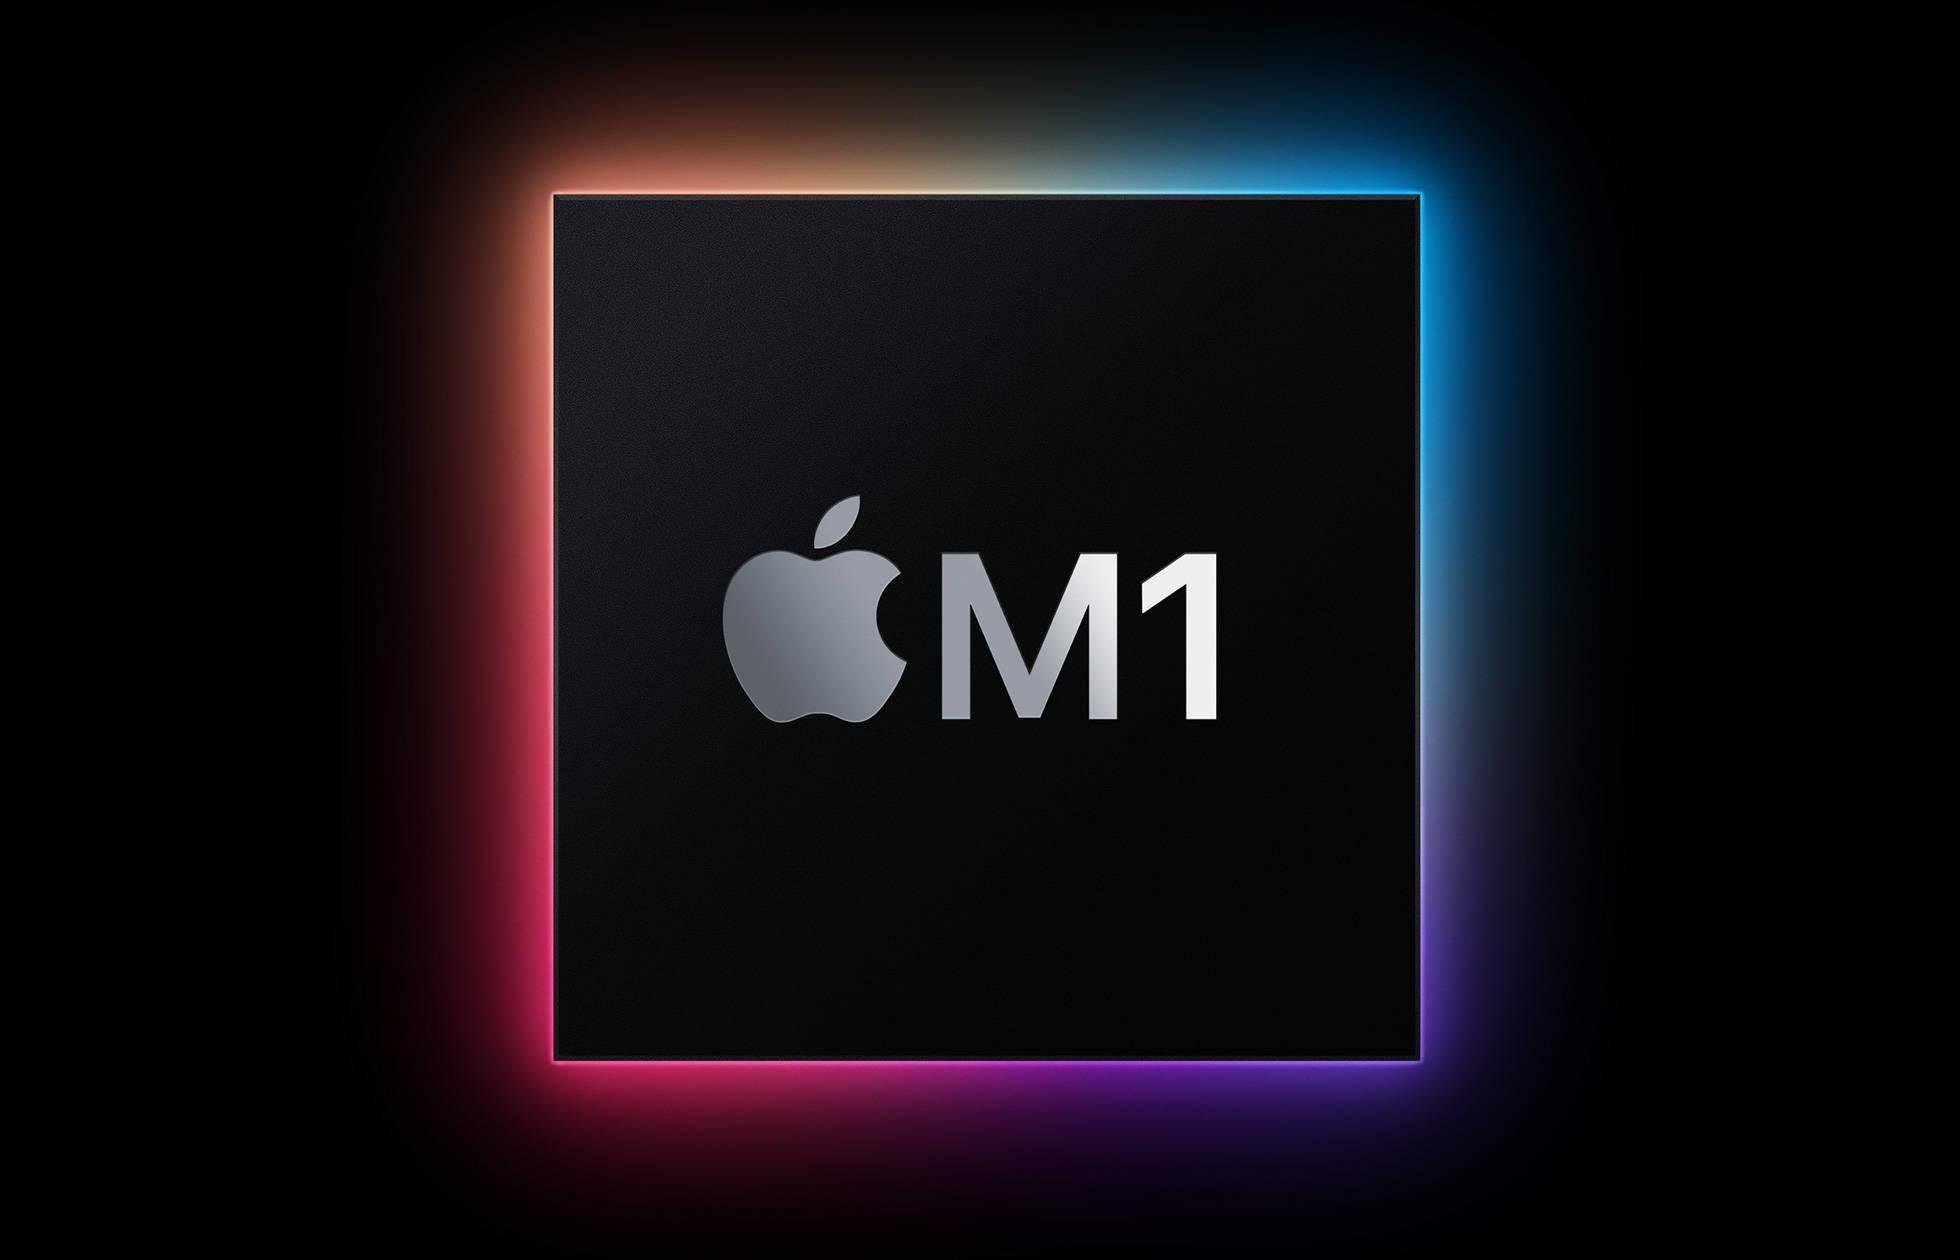 掀起PC革命?苹果M1芯片解析:英特尔开始慌了